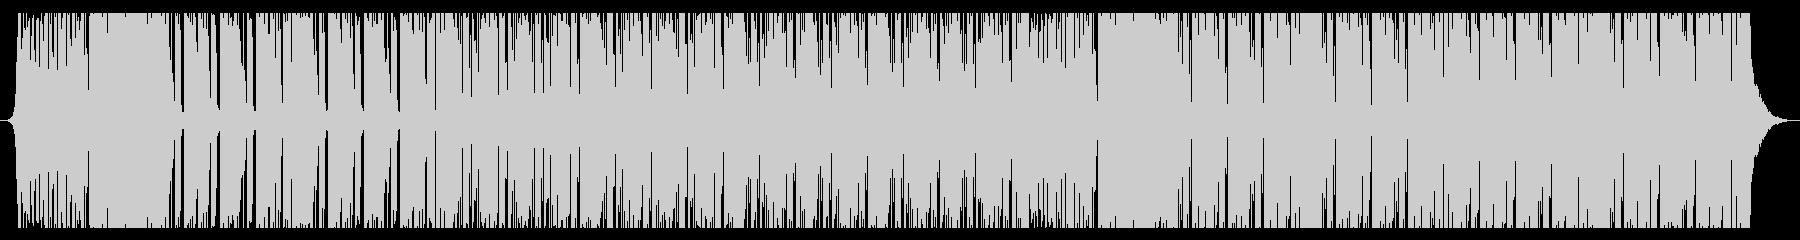 トラップの未再生の波形